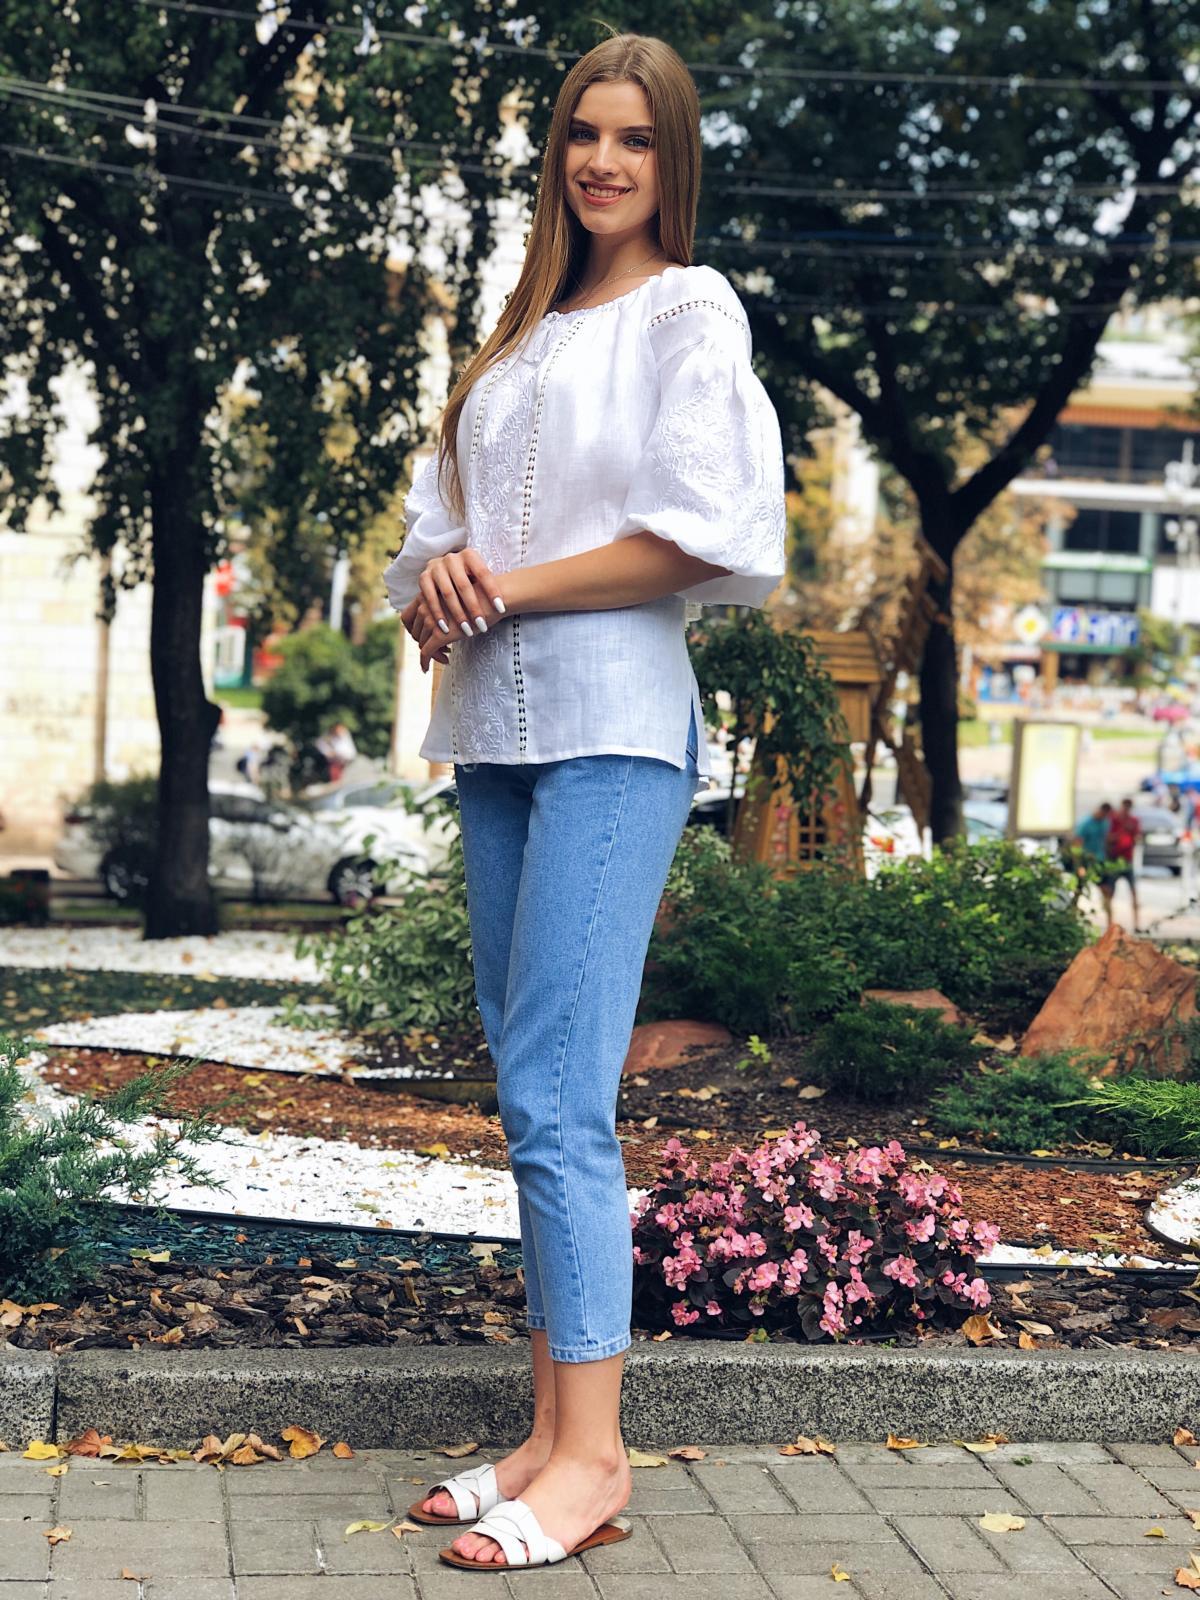 Біла жіноча вишита сорочка з білою вишивкою та рукавом 3/4. Фото №4. | Народний дім Україна